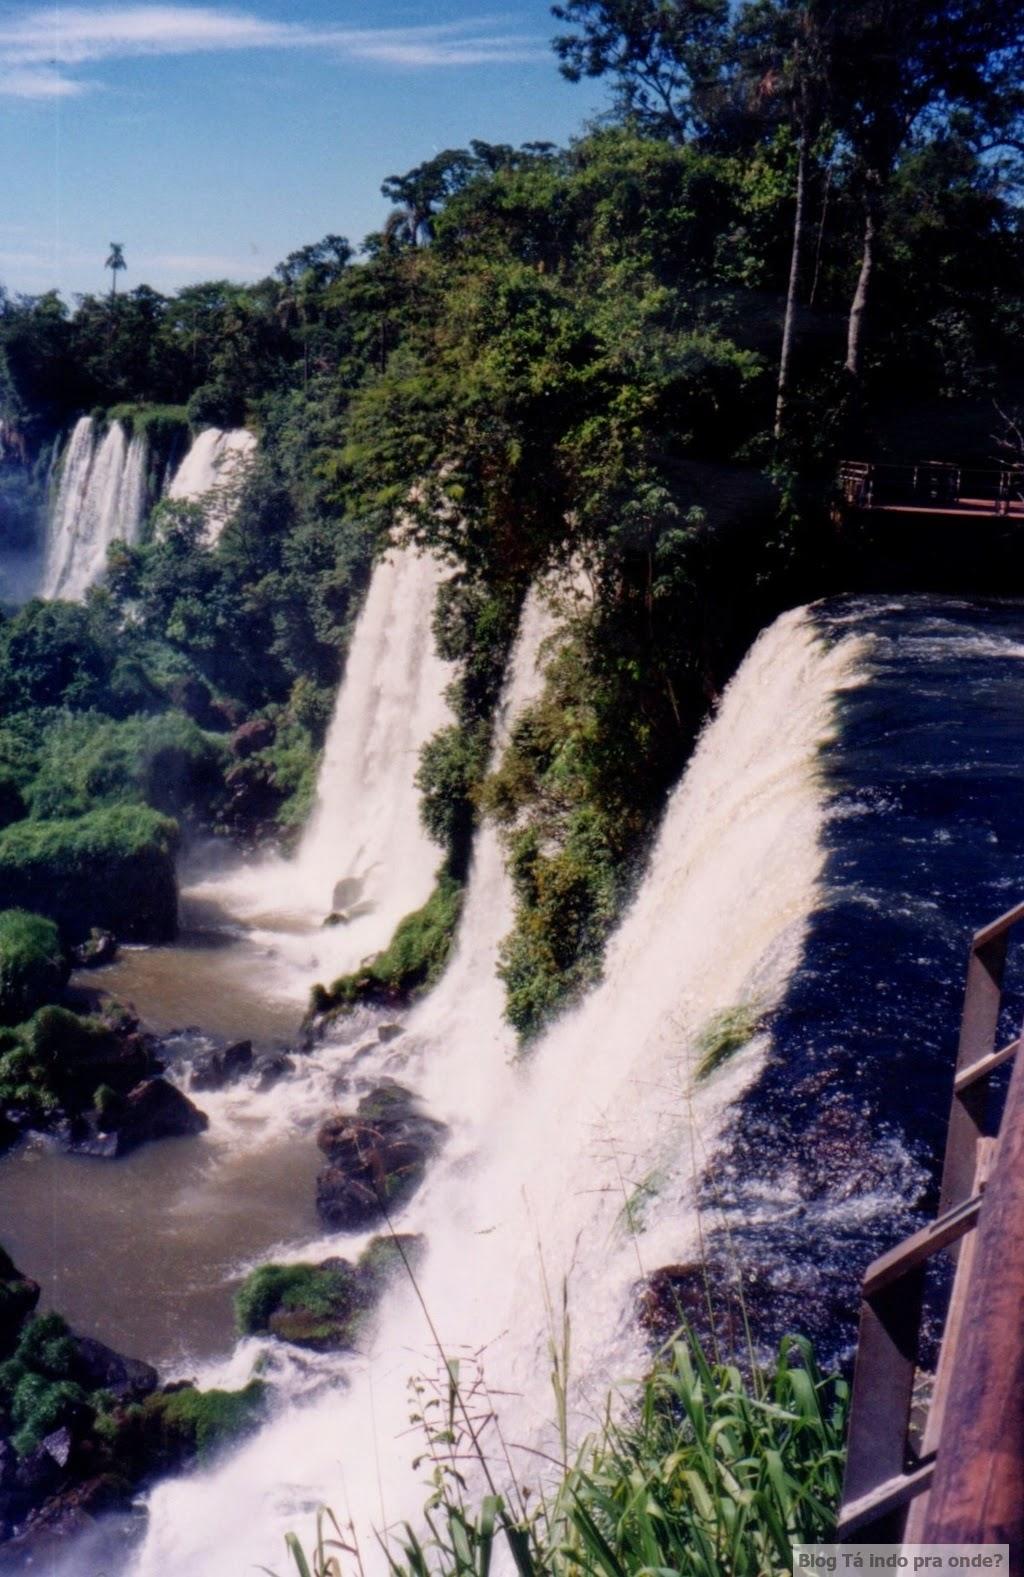 Lado argentino das Cataratas do Iguaçu